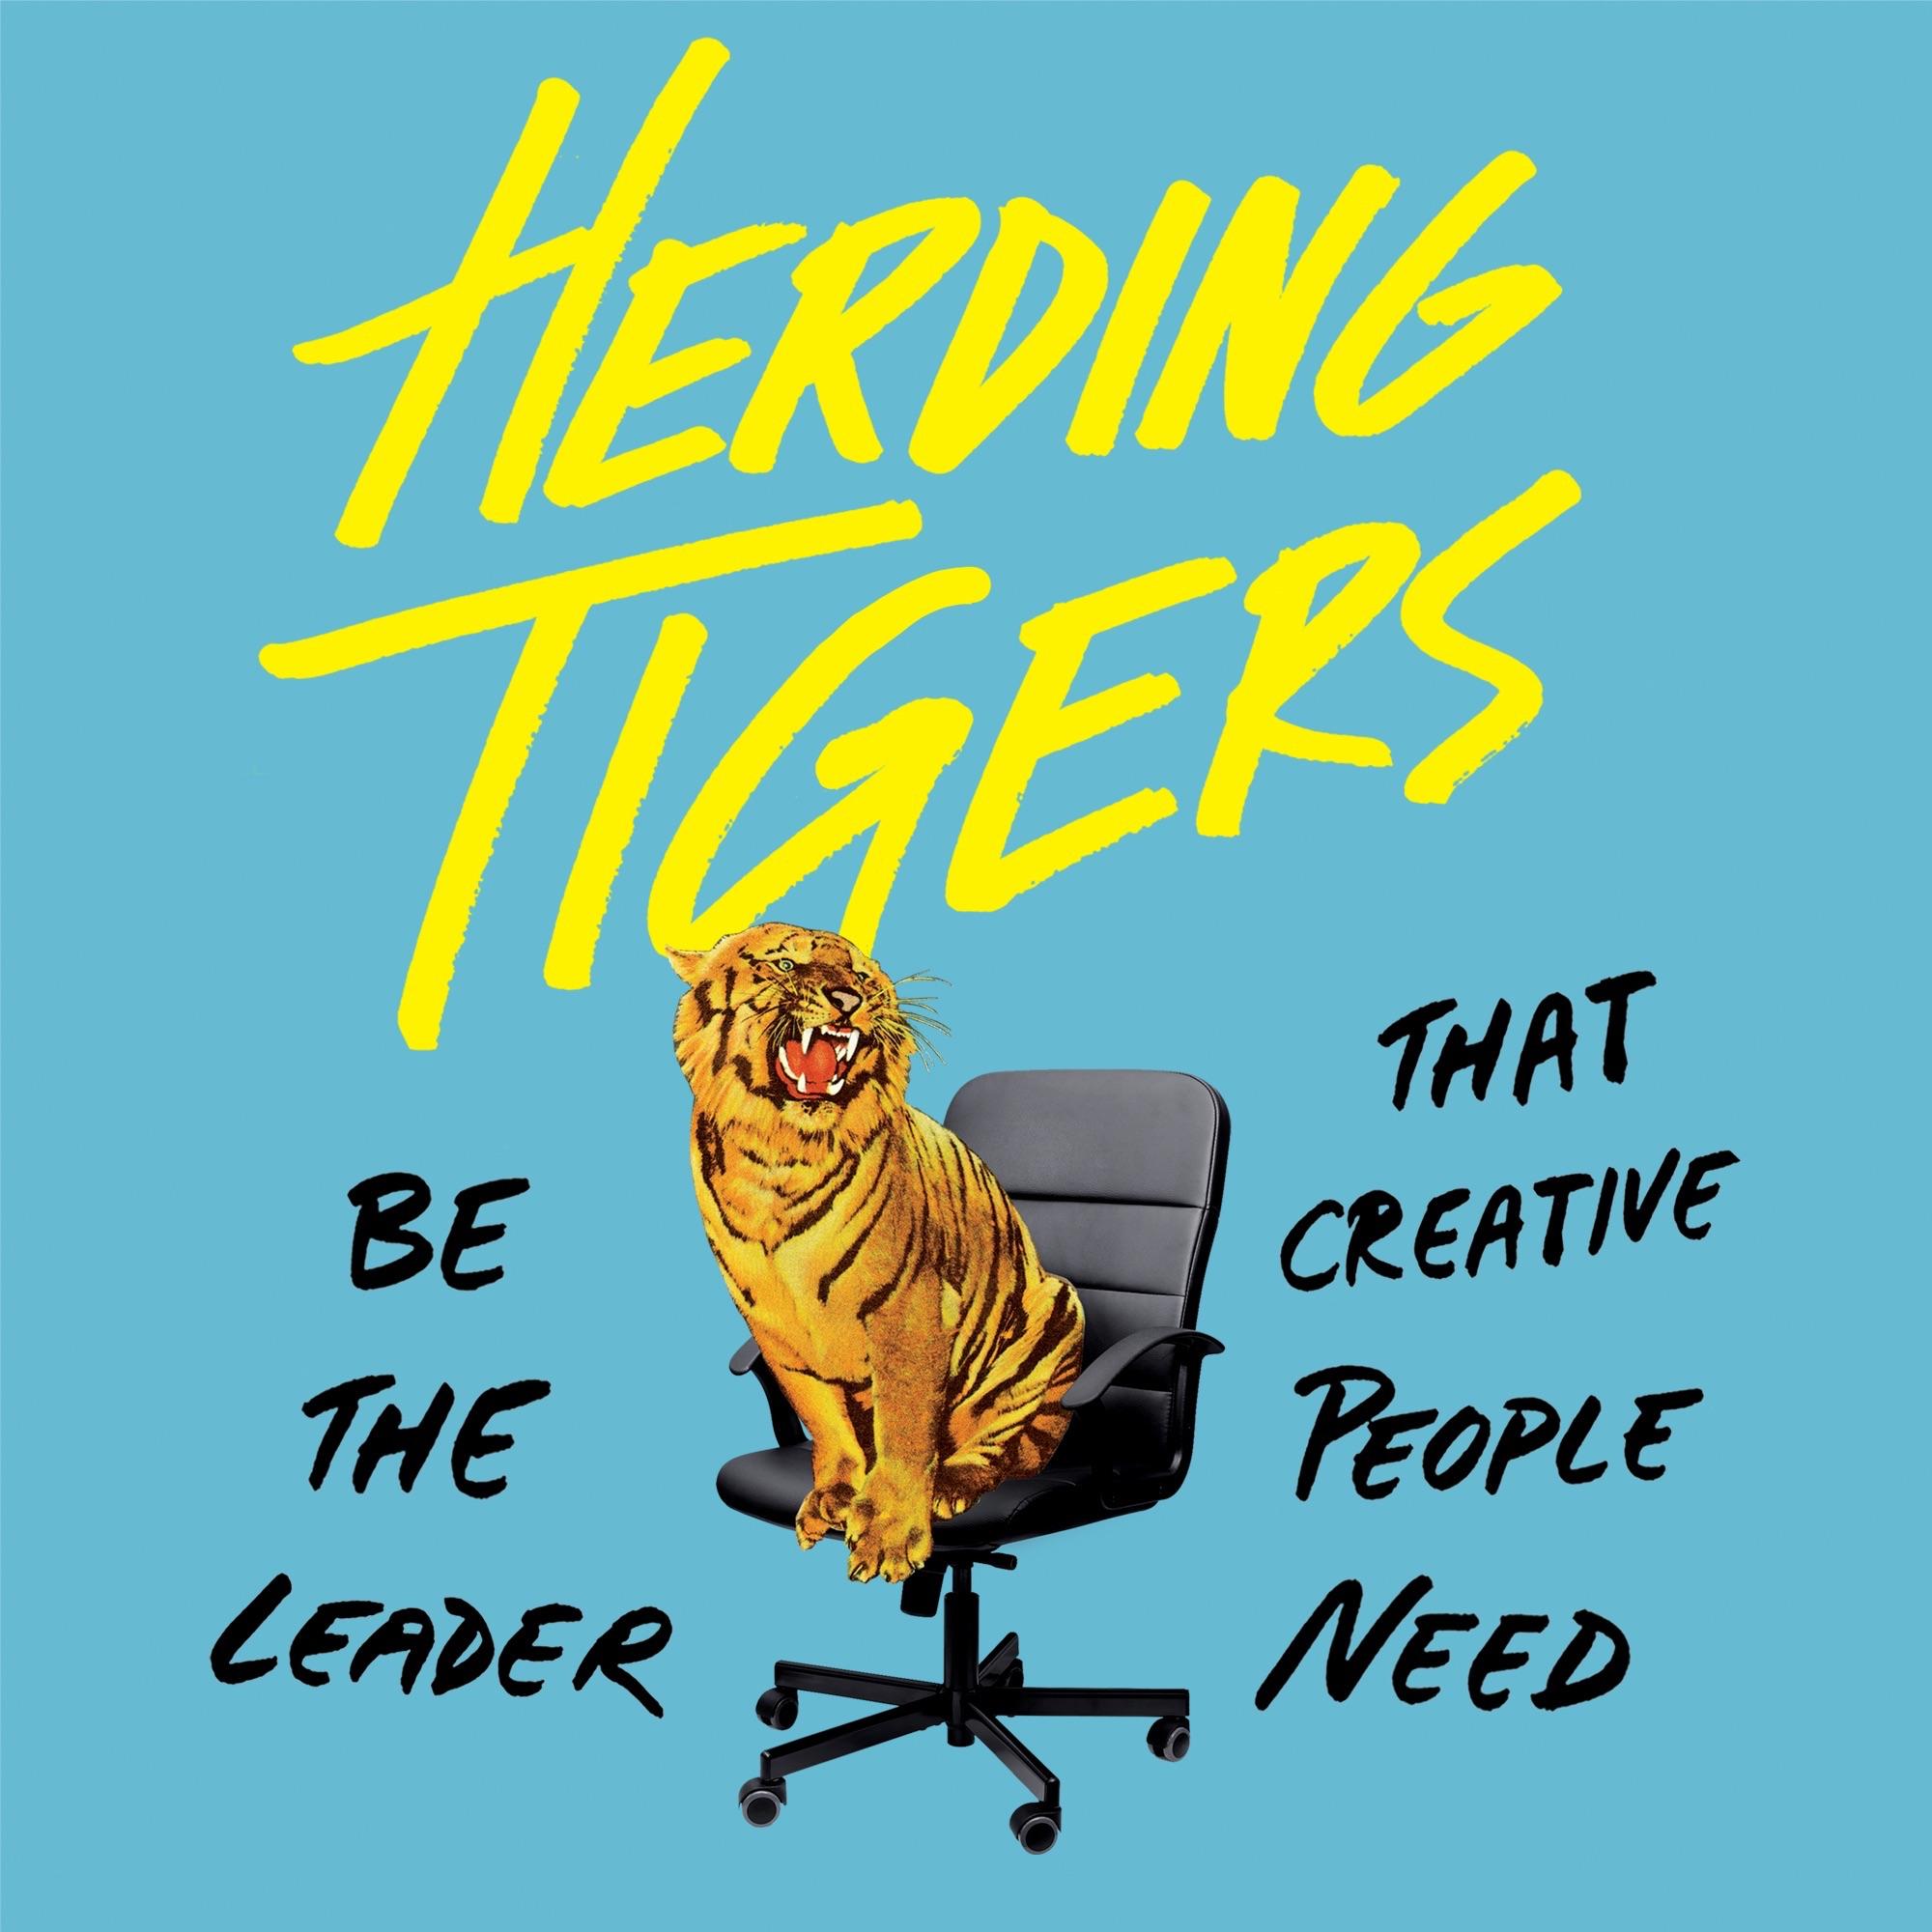 Herding Tigers show art